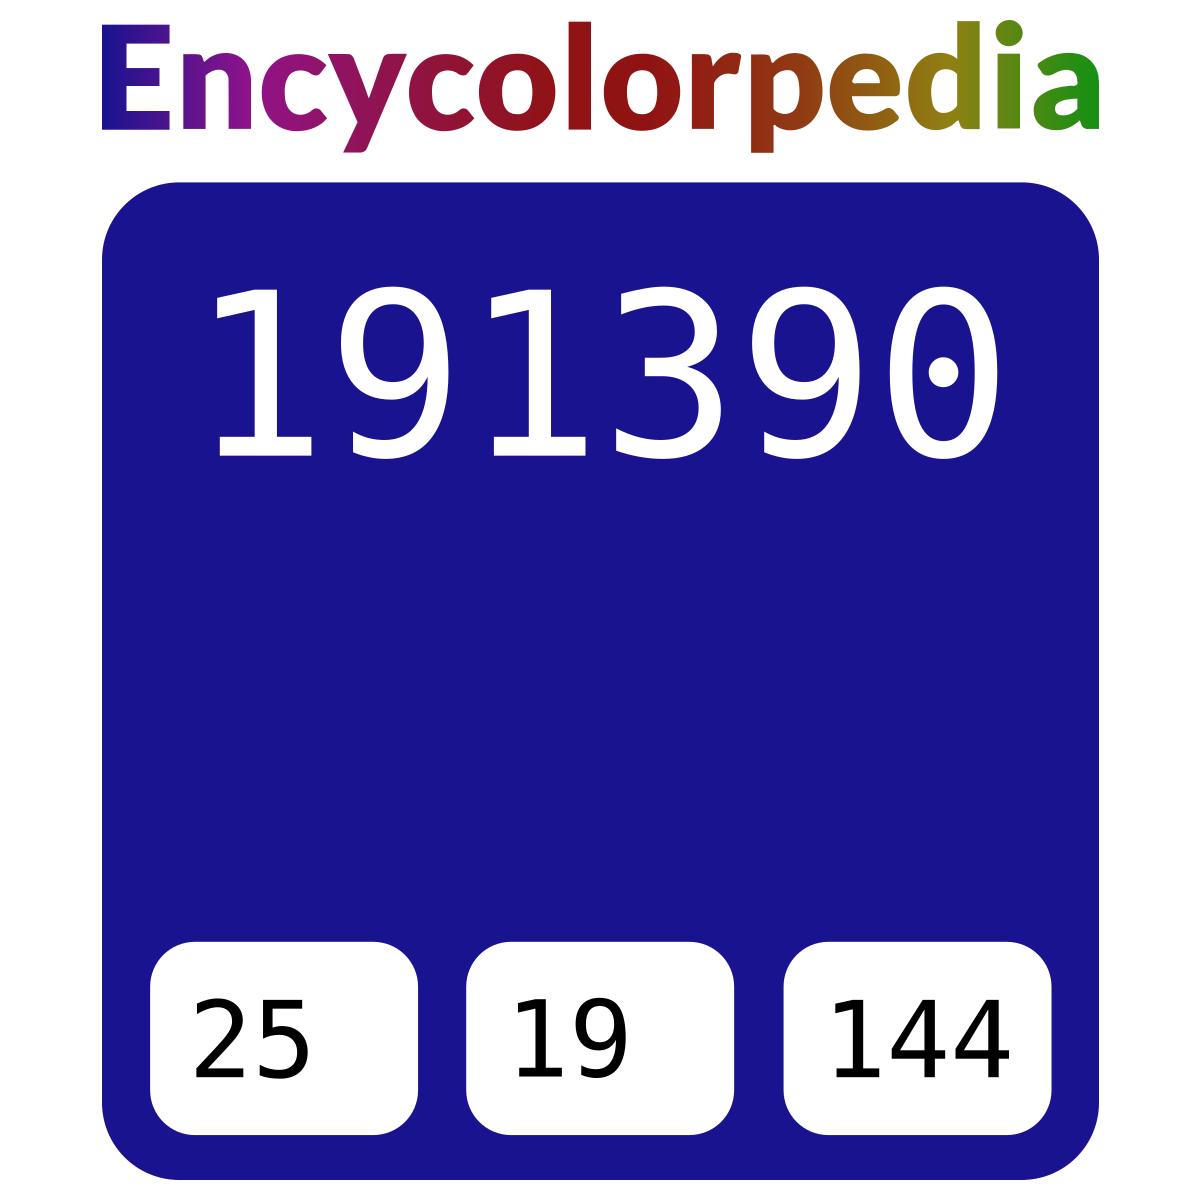 191390 codigo hex de combinaciones de colores paletas y pinturas encycolorpedia